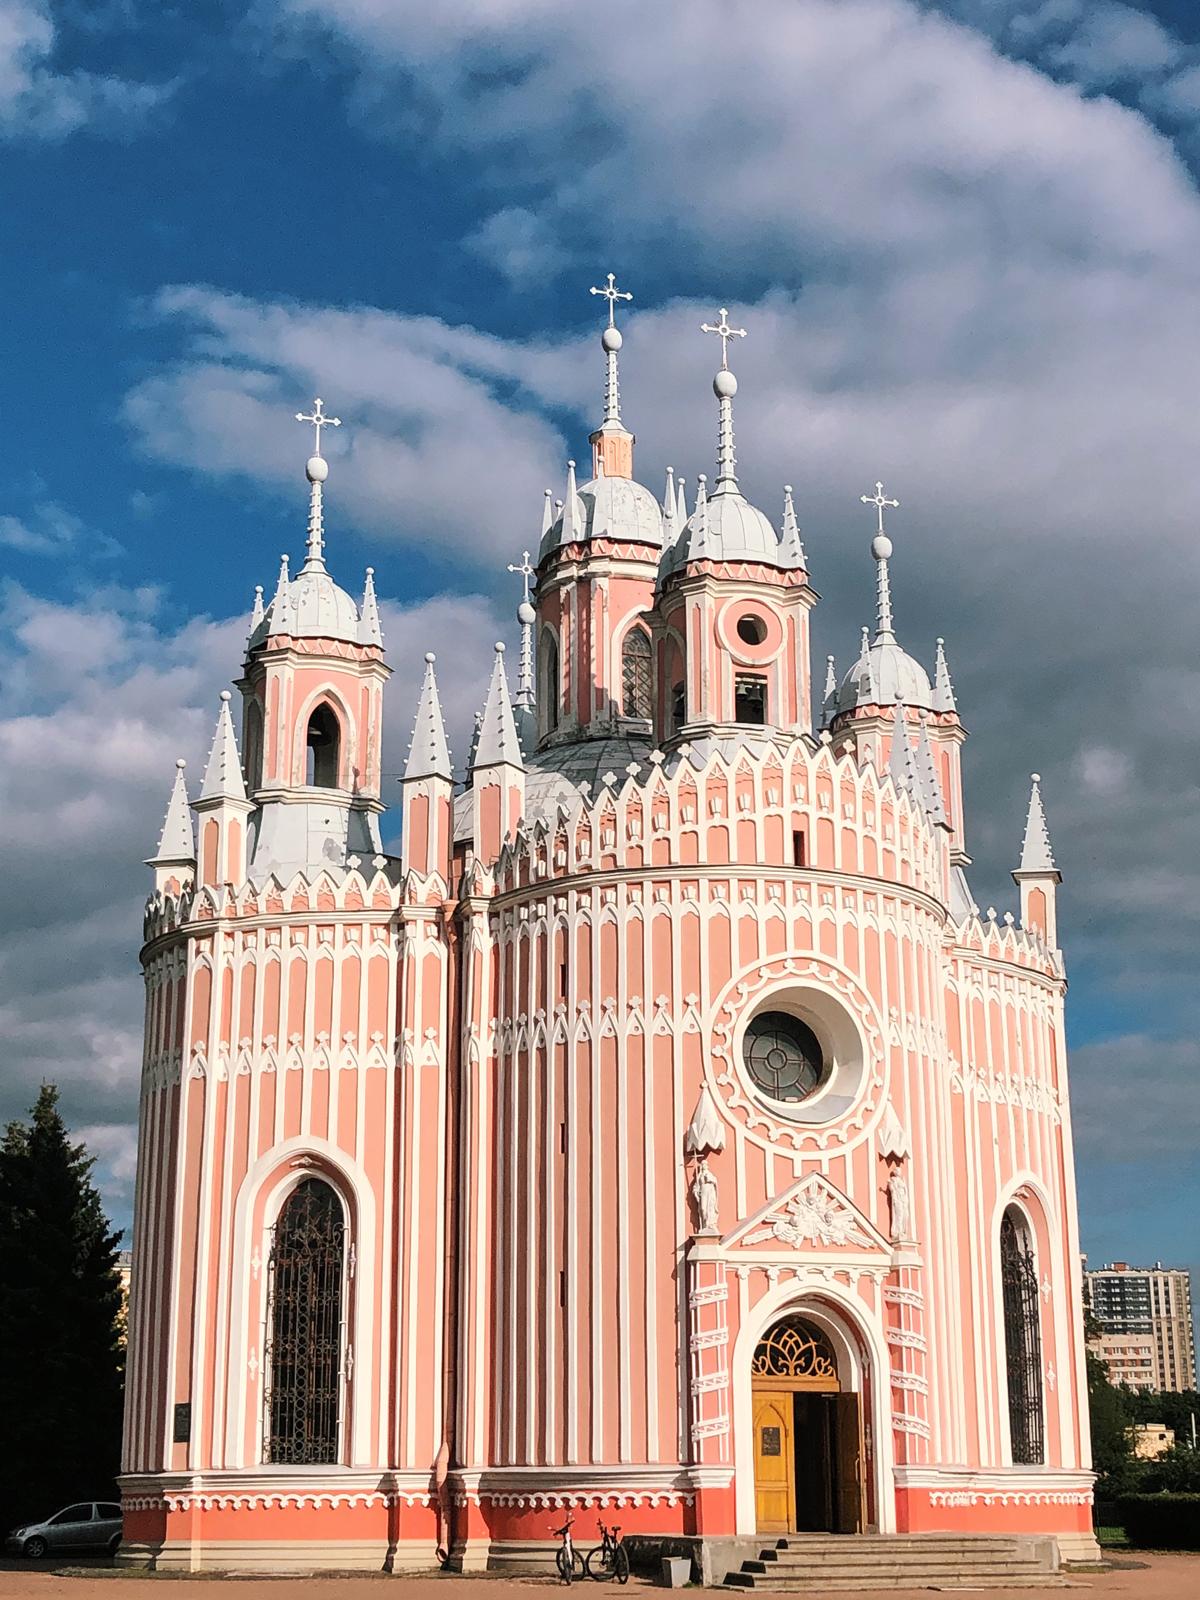 Nhà thờ Chesme tại Saint Petersburg, LB Nga, có kiến trúc Gothic với hình dạng như một chiếc bánh cưới khổng lồ. Nhà thờ nằm ở cực Nam thành phố, cách khá xa các địa điểm tham quan nổi tiếng. Nhà thờ được xây dựng dưới thời Catherine Đại đế bên cạnh Cung điện Chesme - nơi nghỉ chân của nữ hoàng khi di chuyển giữa Saint Petersburg và Hoàng thôn. Đây là địa điểm được nhiều người Nga và du khách nước ngoài ghé thăm nhờ kiến trúc độc đáo, khác biệt với các nhà thờ còn lại tại đây. Ảnh: Trung Nghĩa Võ.